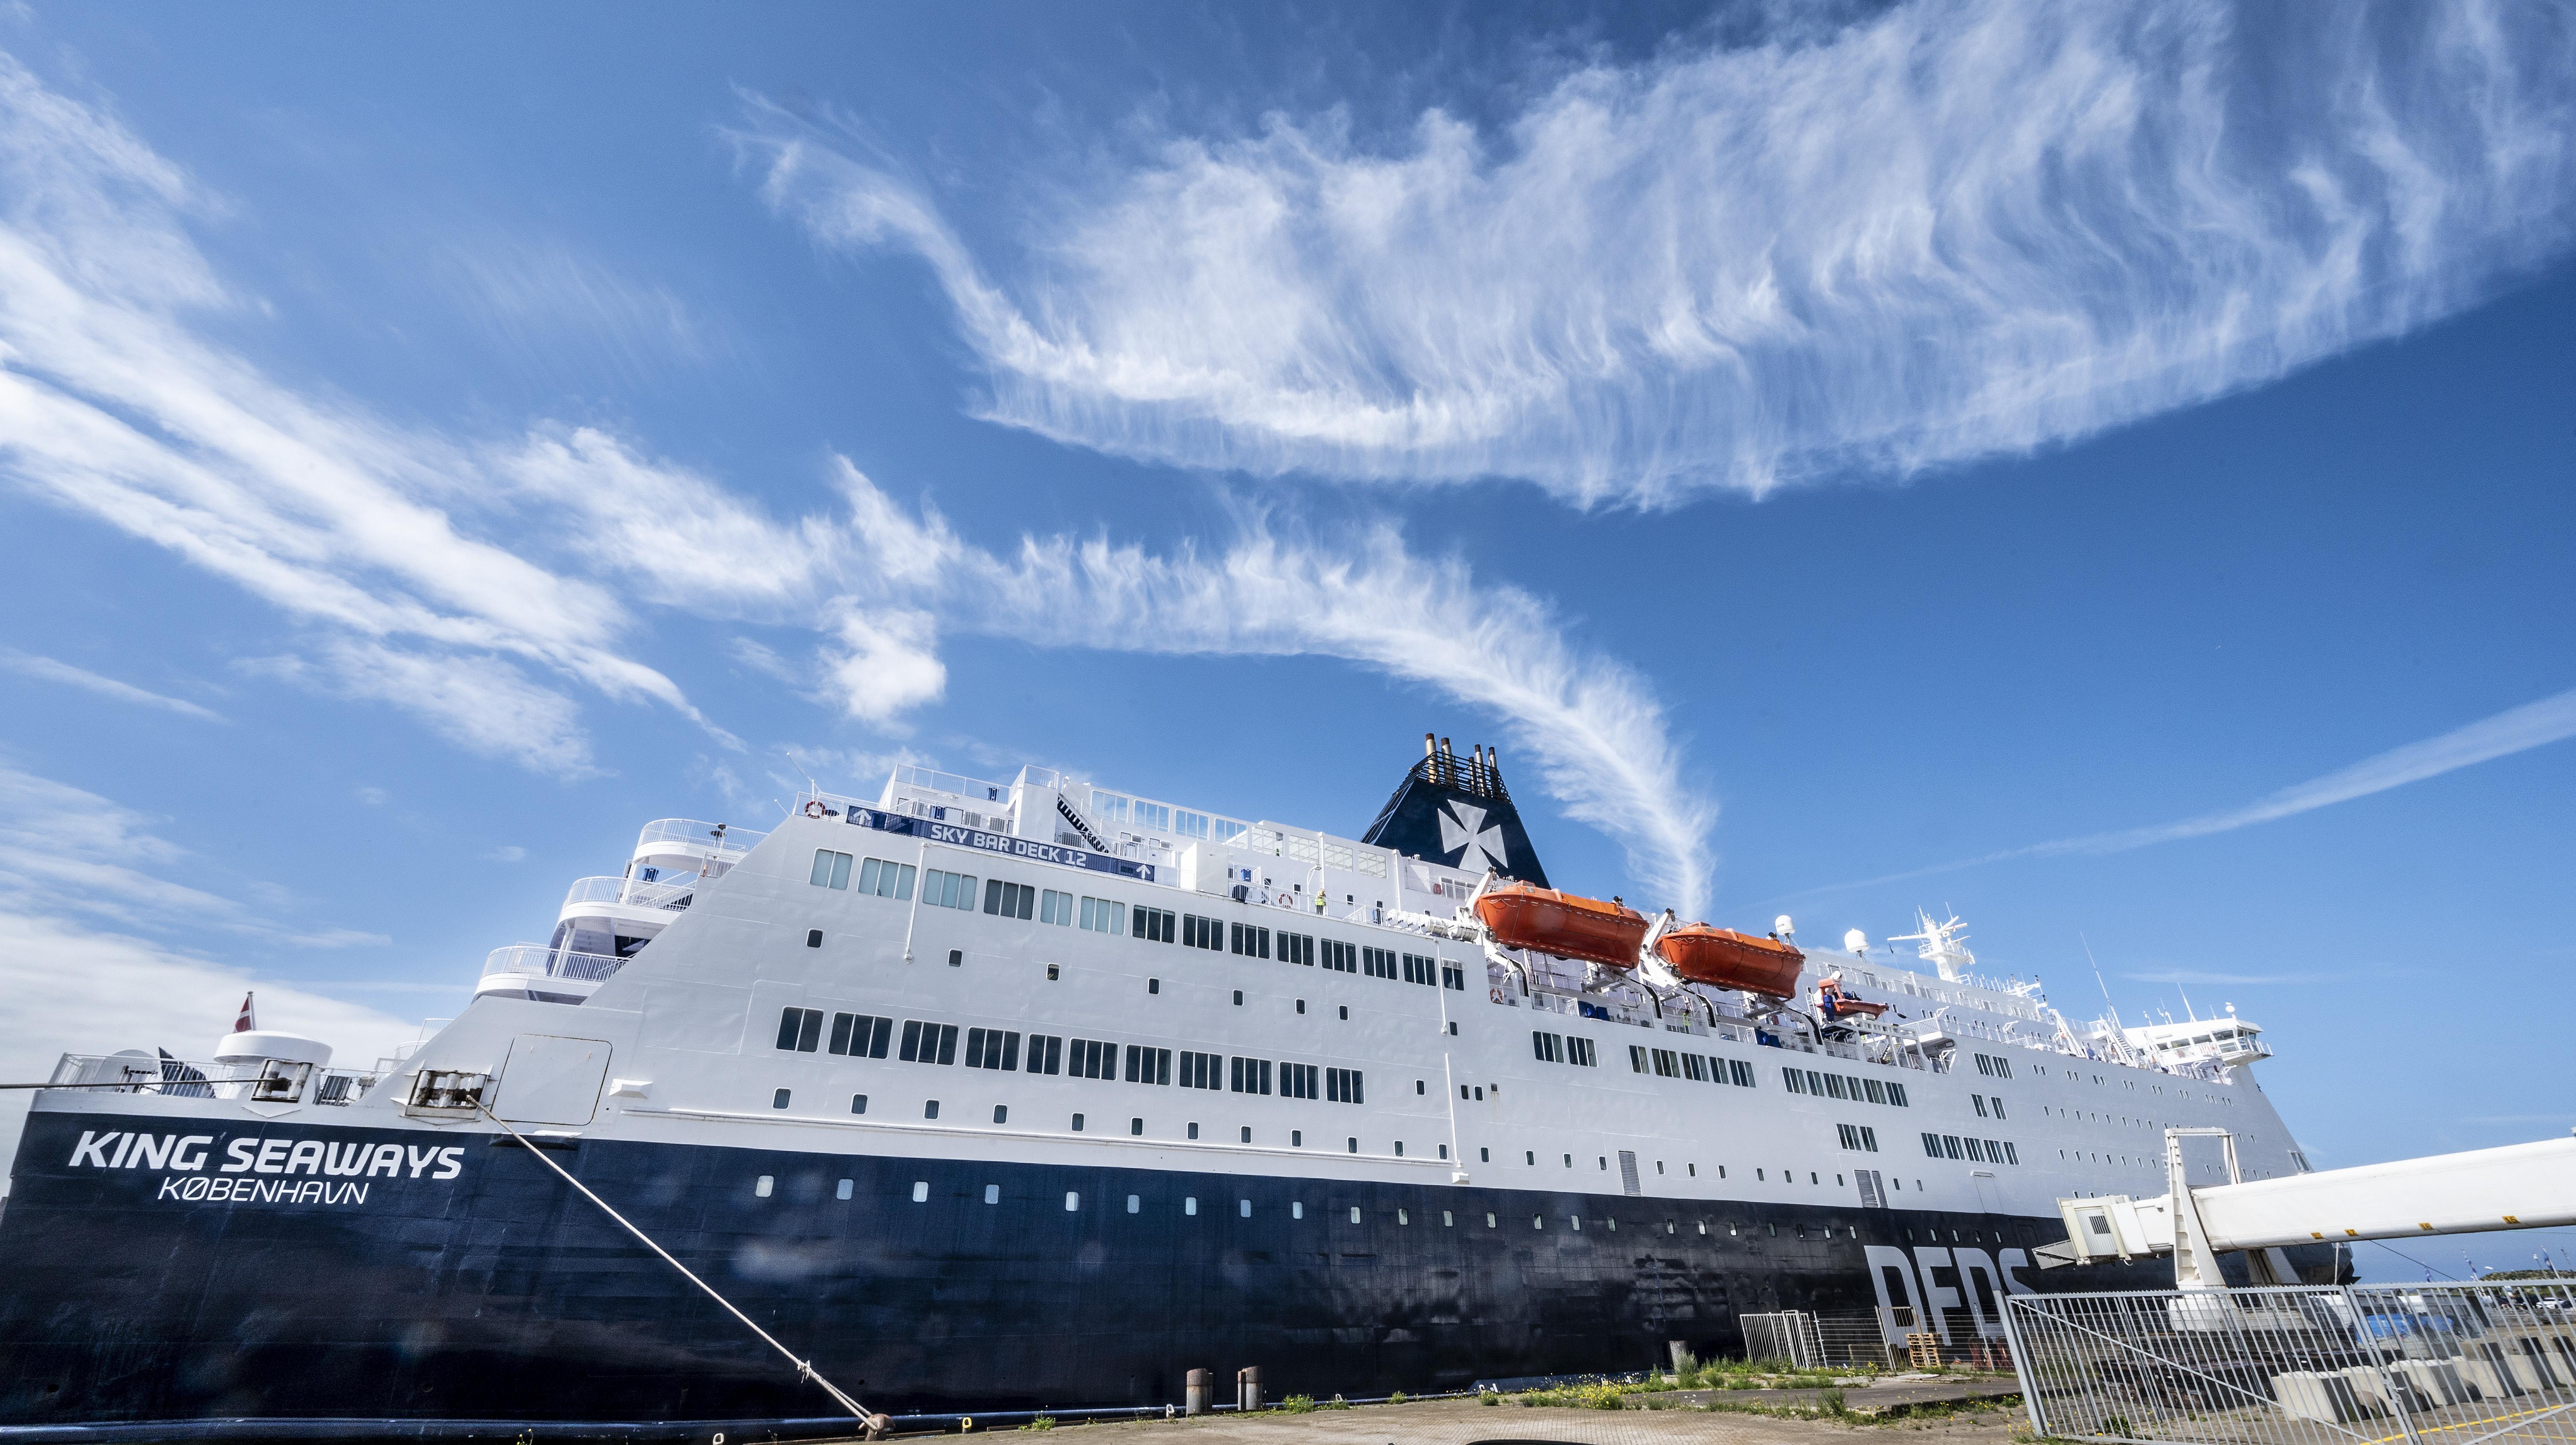 DFDS-schepen blijven varen tussen IJmuiden en Newcastle, ondanks de strengere Britse inreiseisen. 'Het is de verantwoordelijkheid van de reizigers of ze meewillen', zegt Teun Wim Leene van DFDS